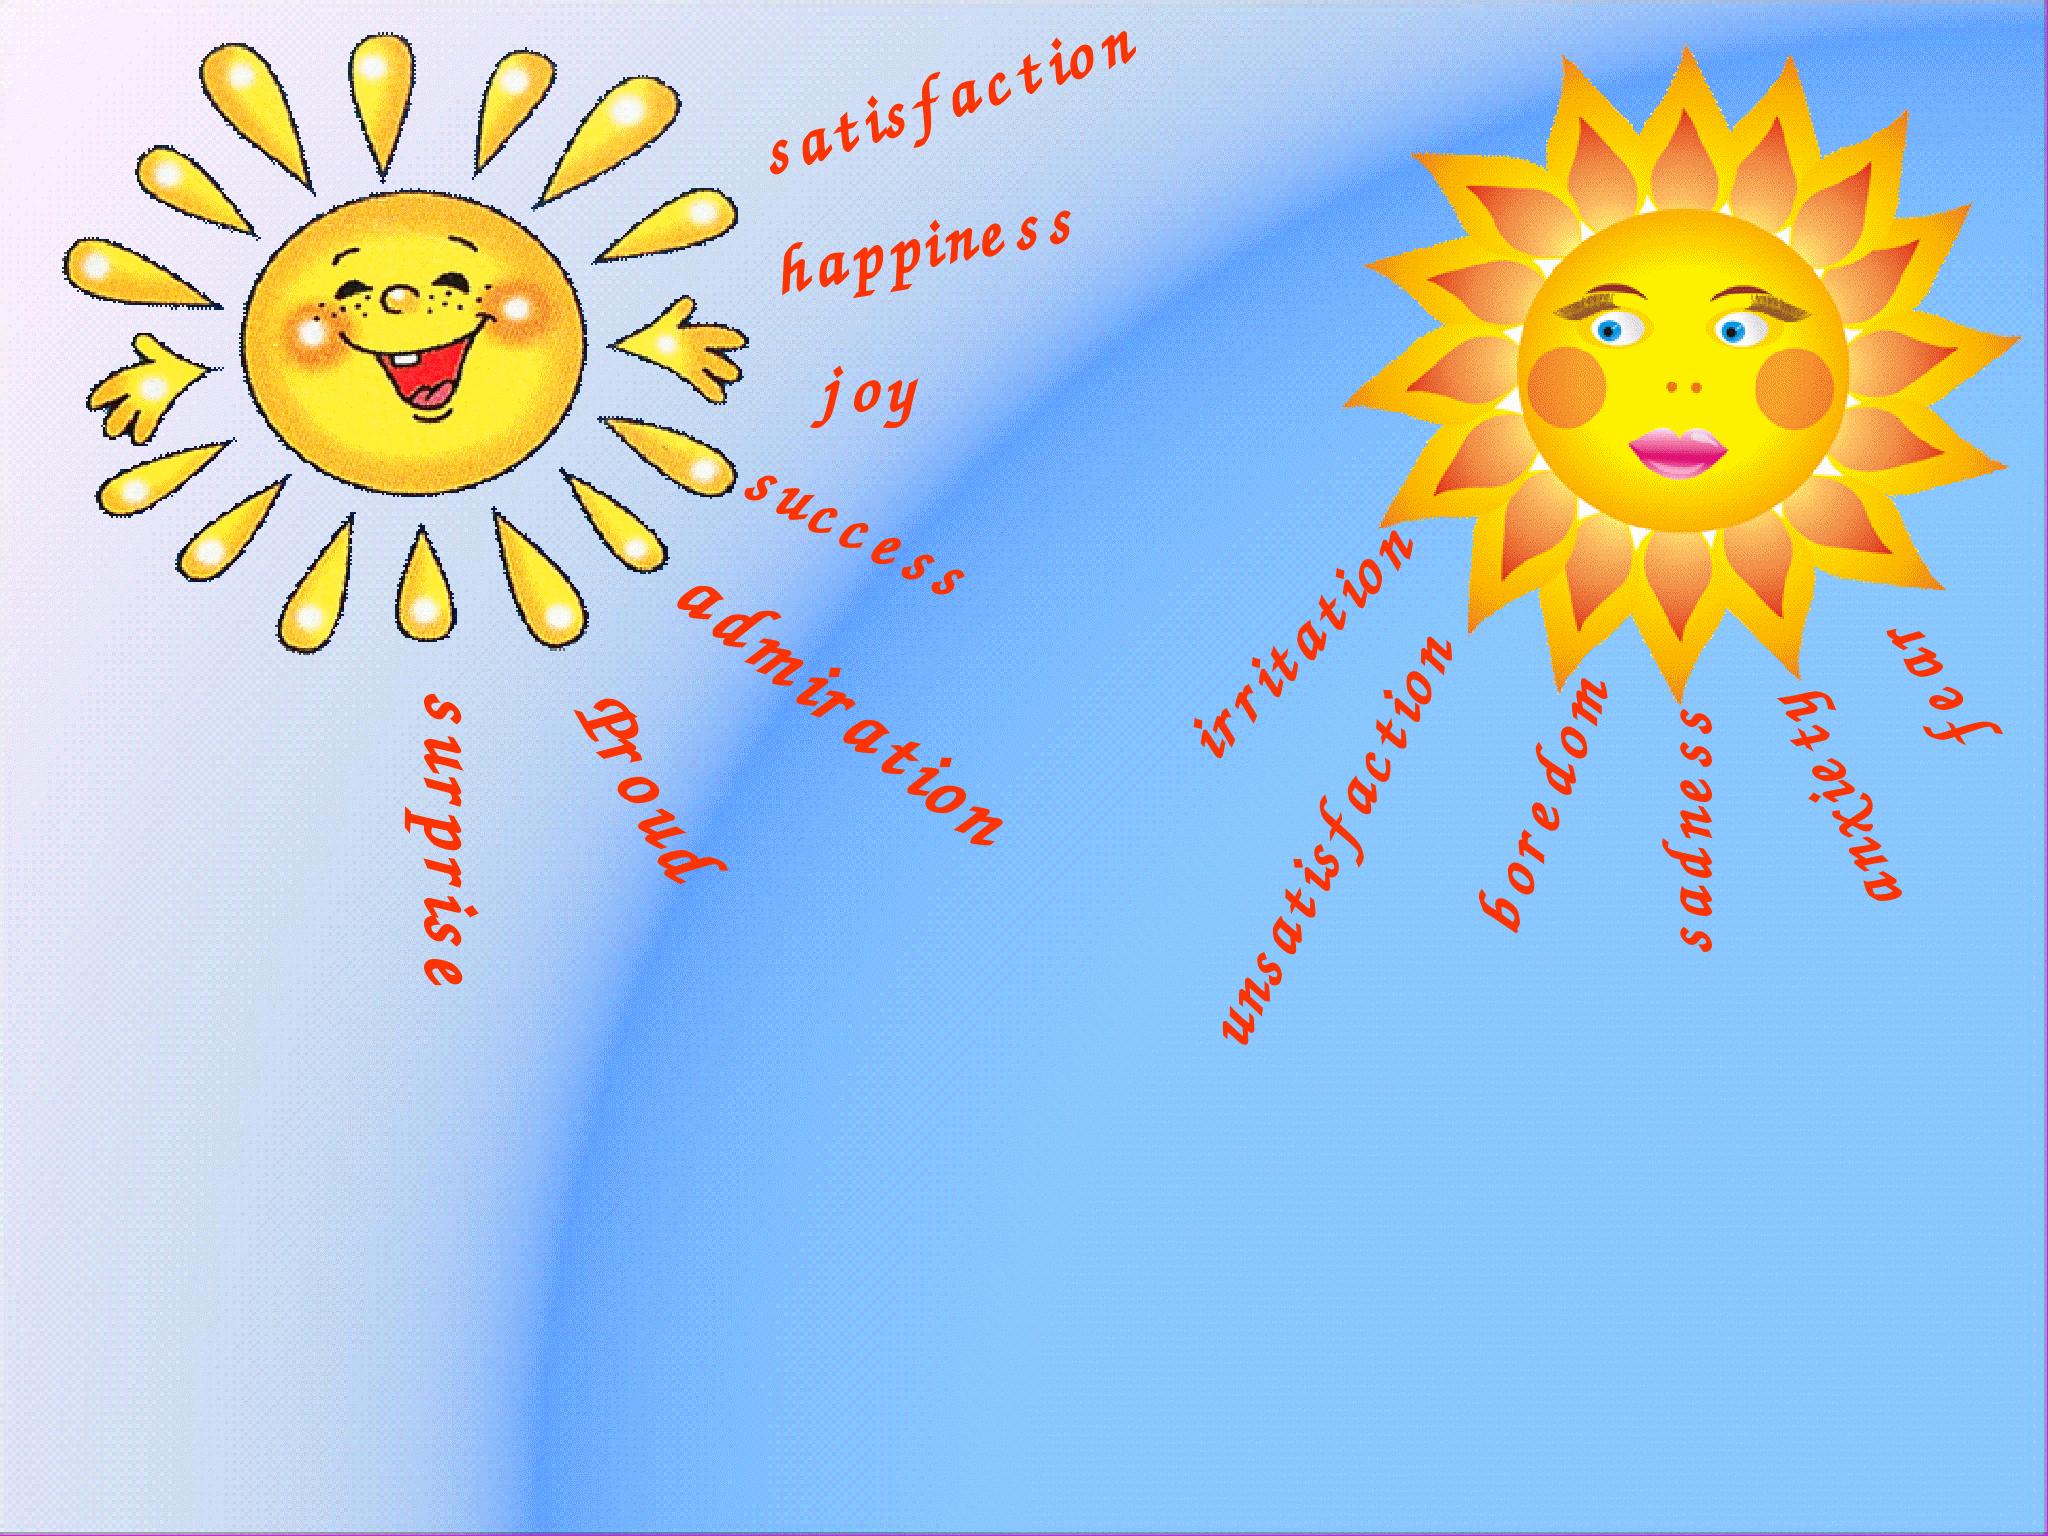 картинки для психологического настроя про солнышко существующие способы очистки